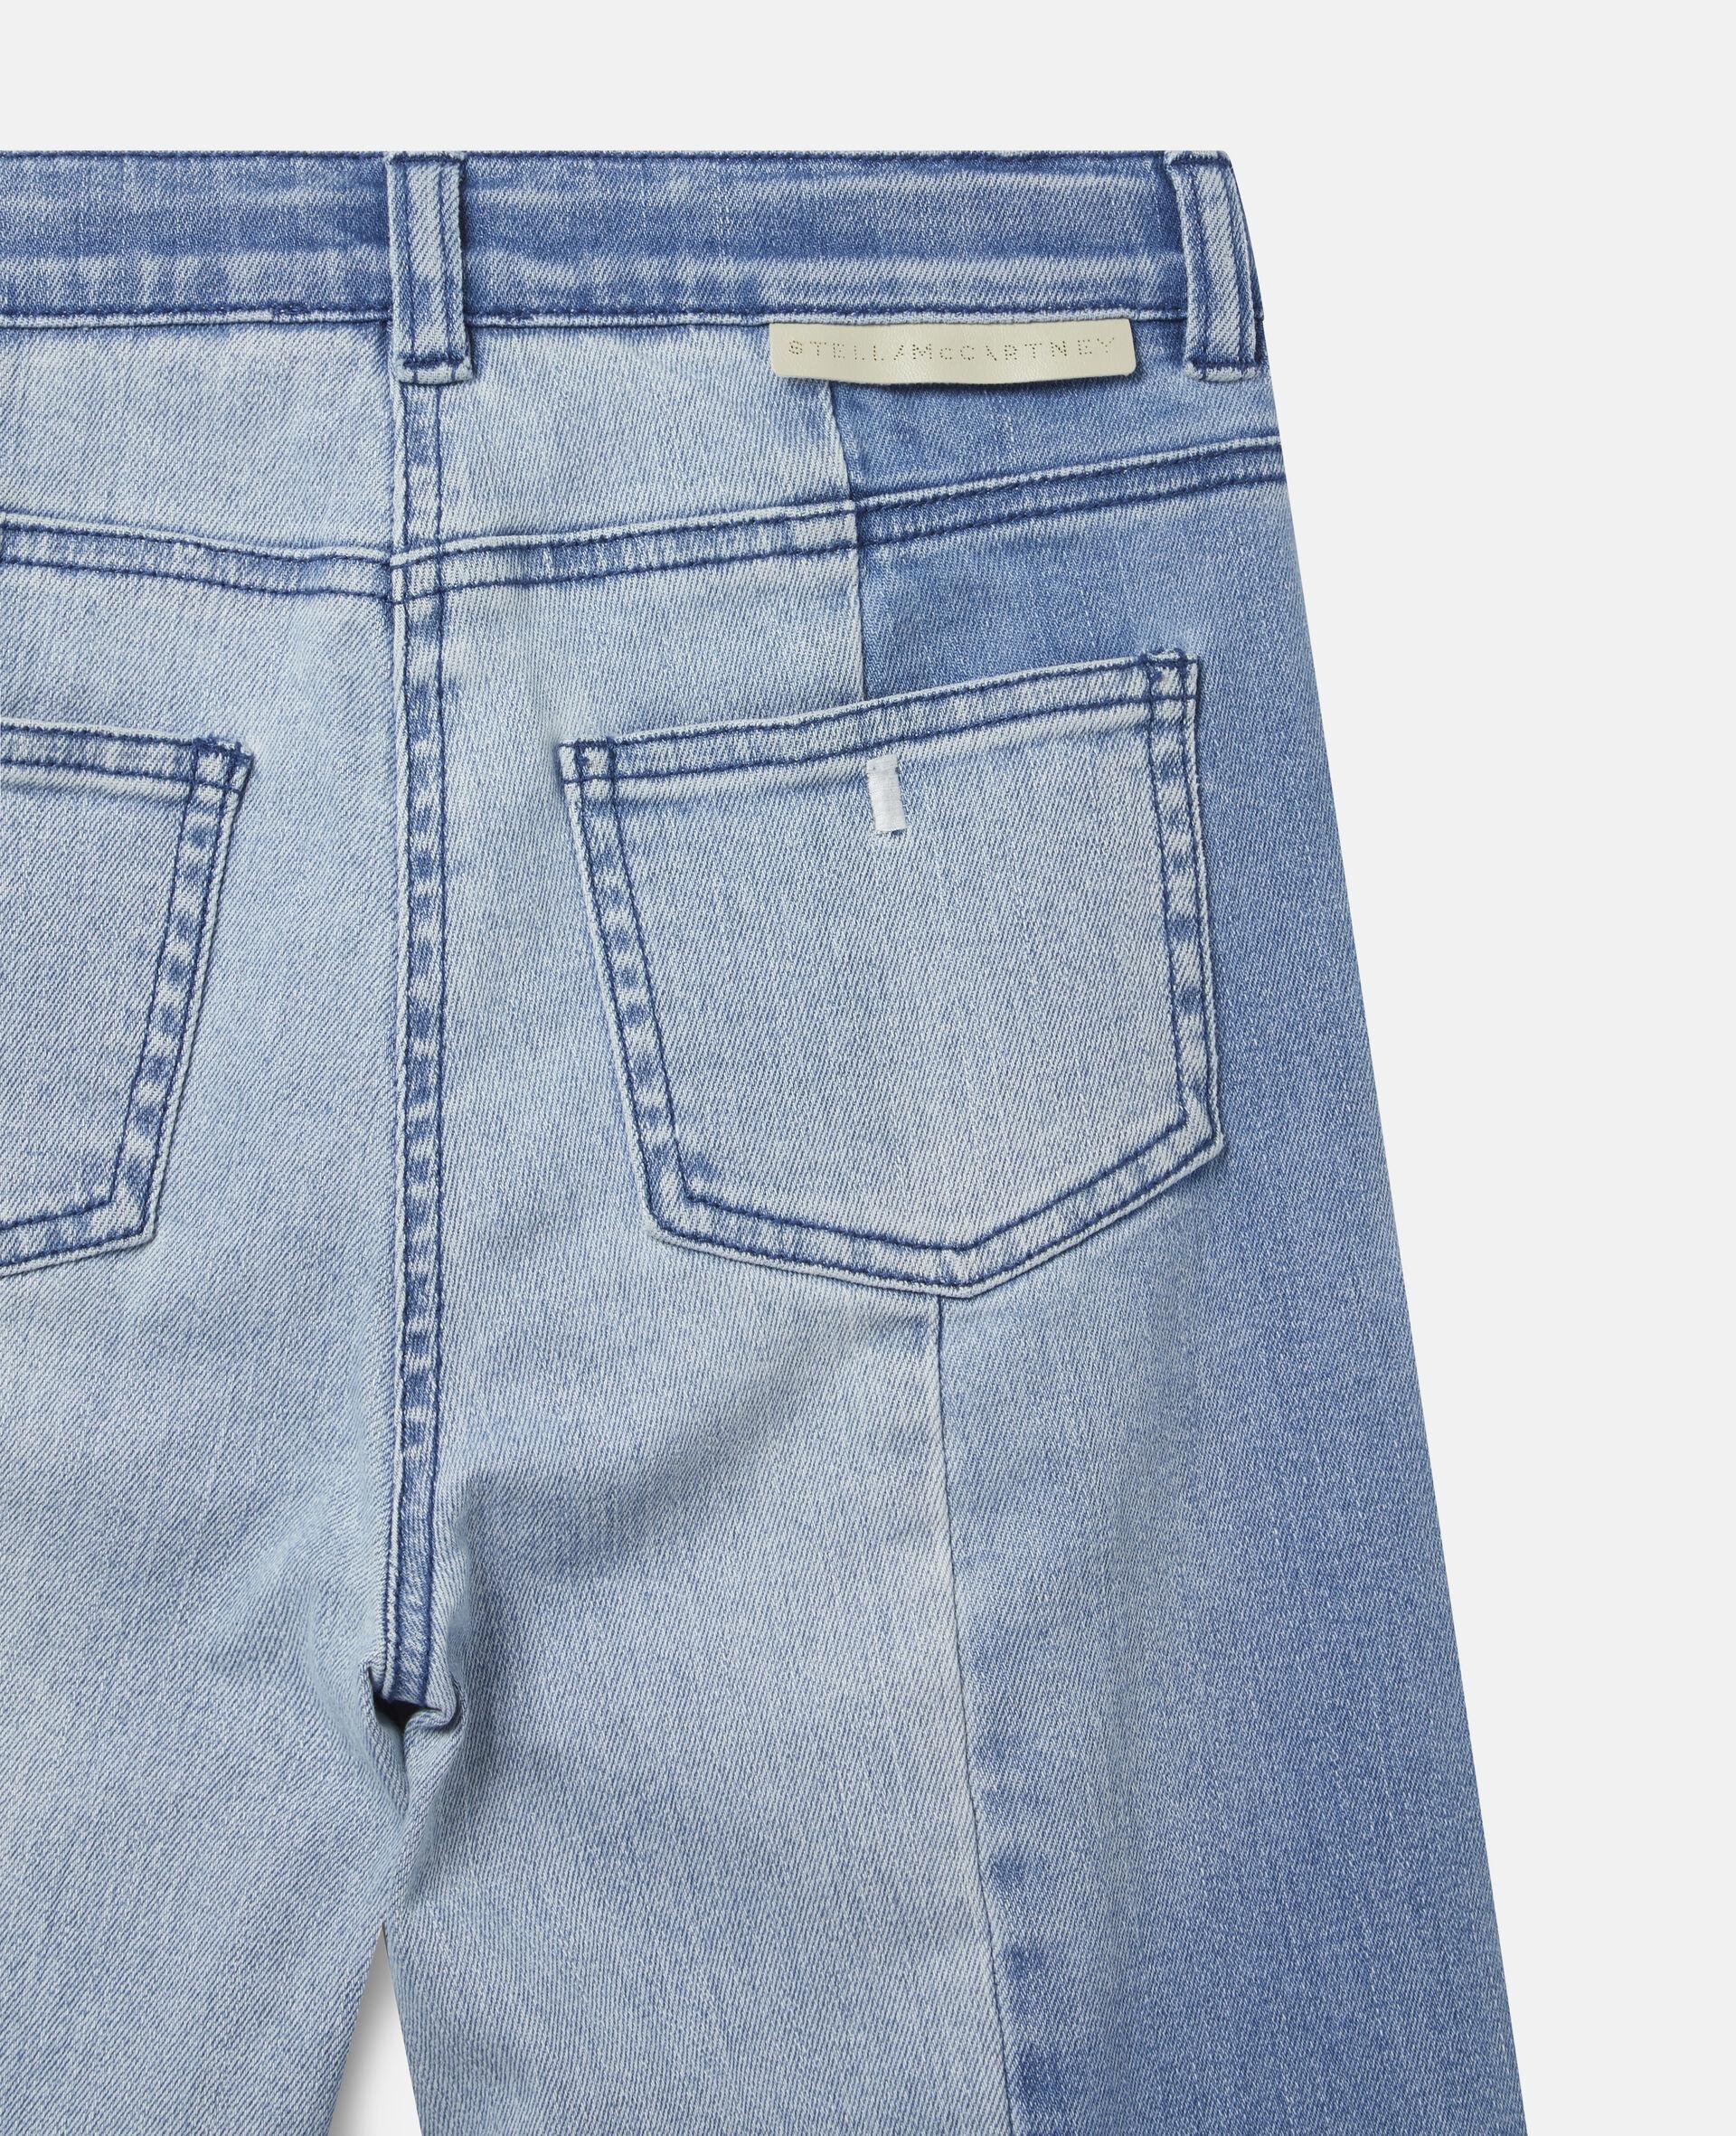 双色牛仔长裤 -蓝色-large image number 2